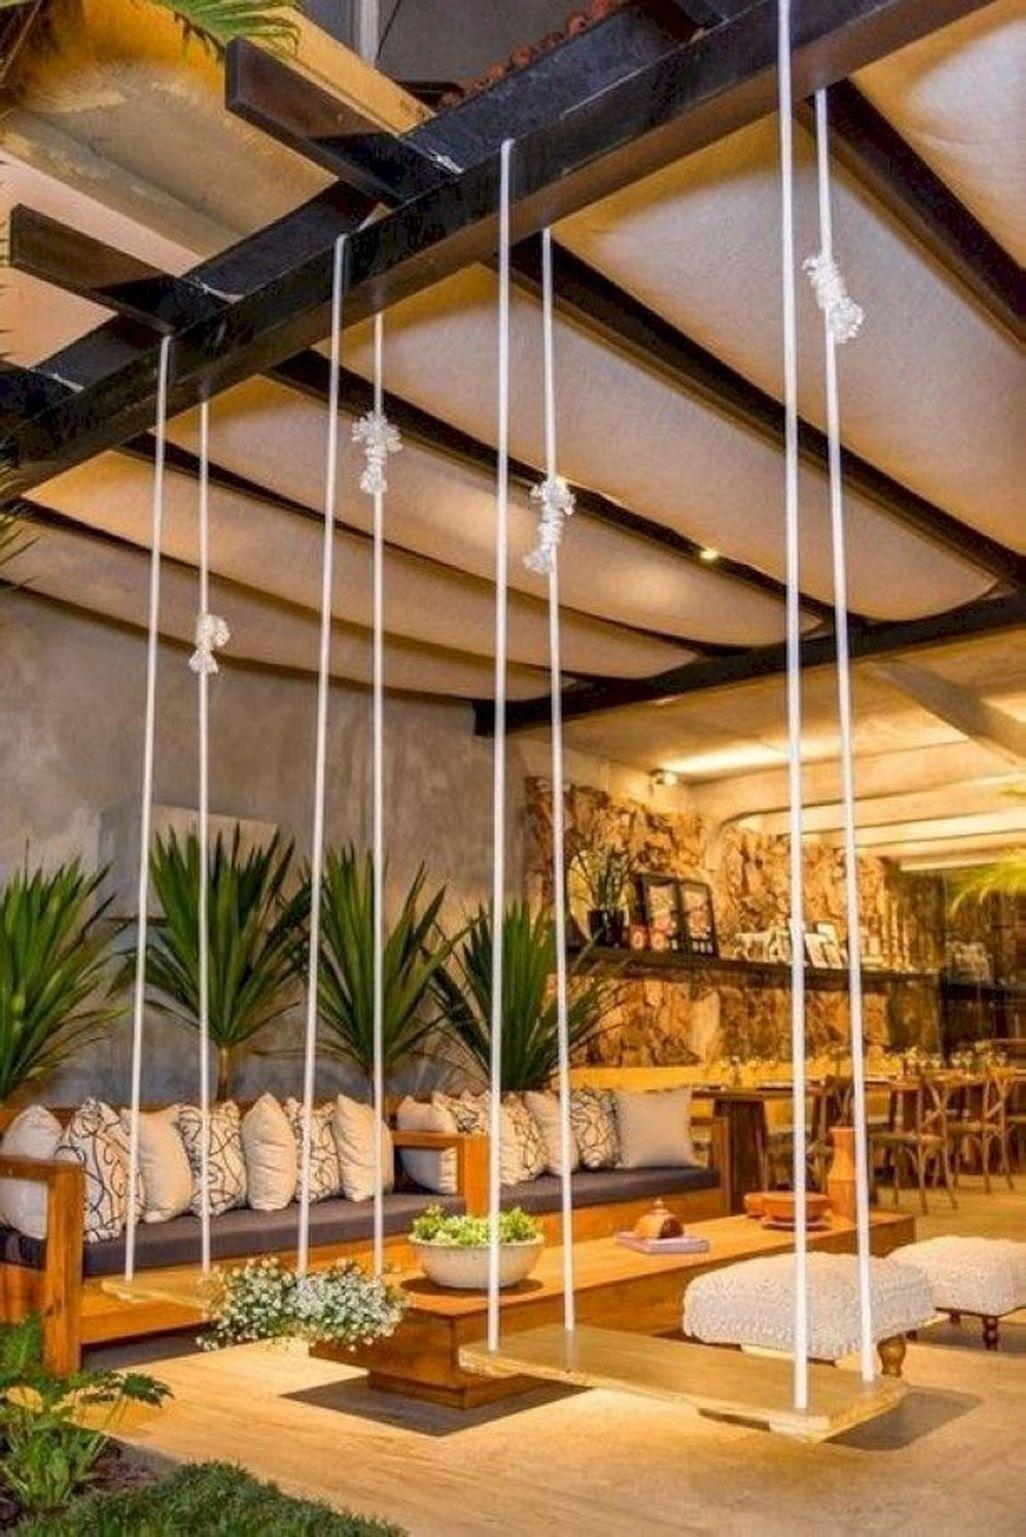 Cozy Backyard Patio Deck Design Decoration Ideas 01 Amenagement Exterieur Decoration Exterieur Patio Exterieur